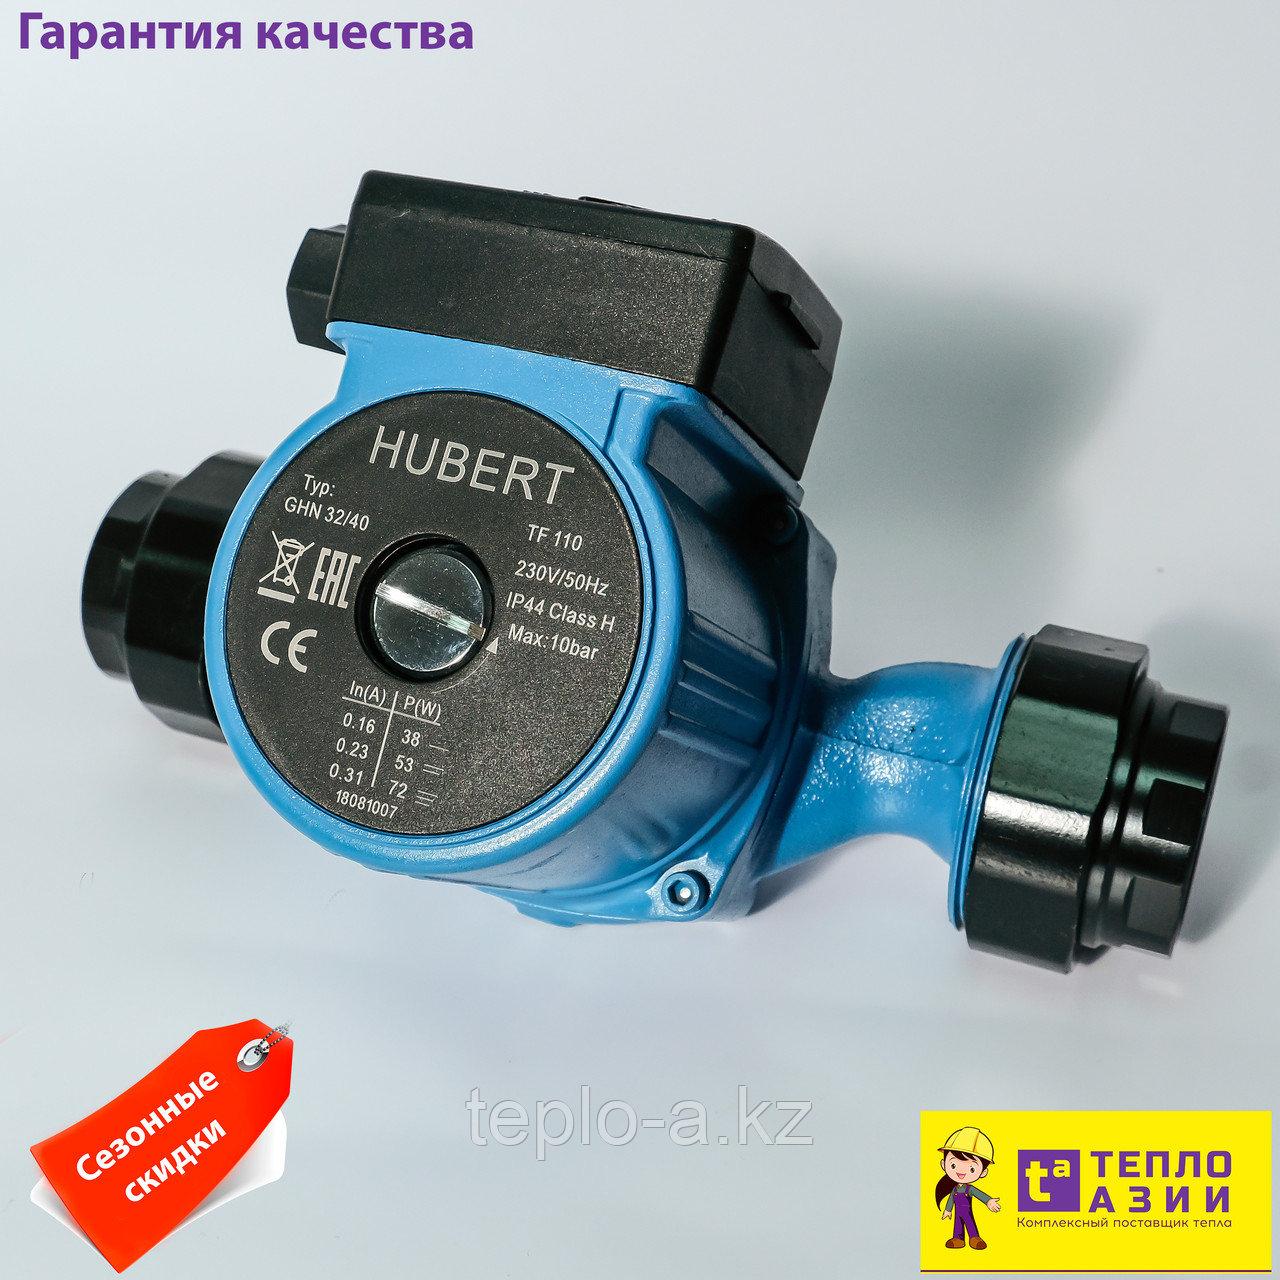 Насос HUBERT GHN 25-8/180